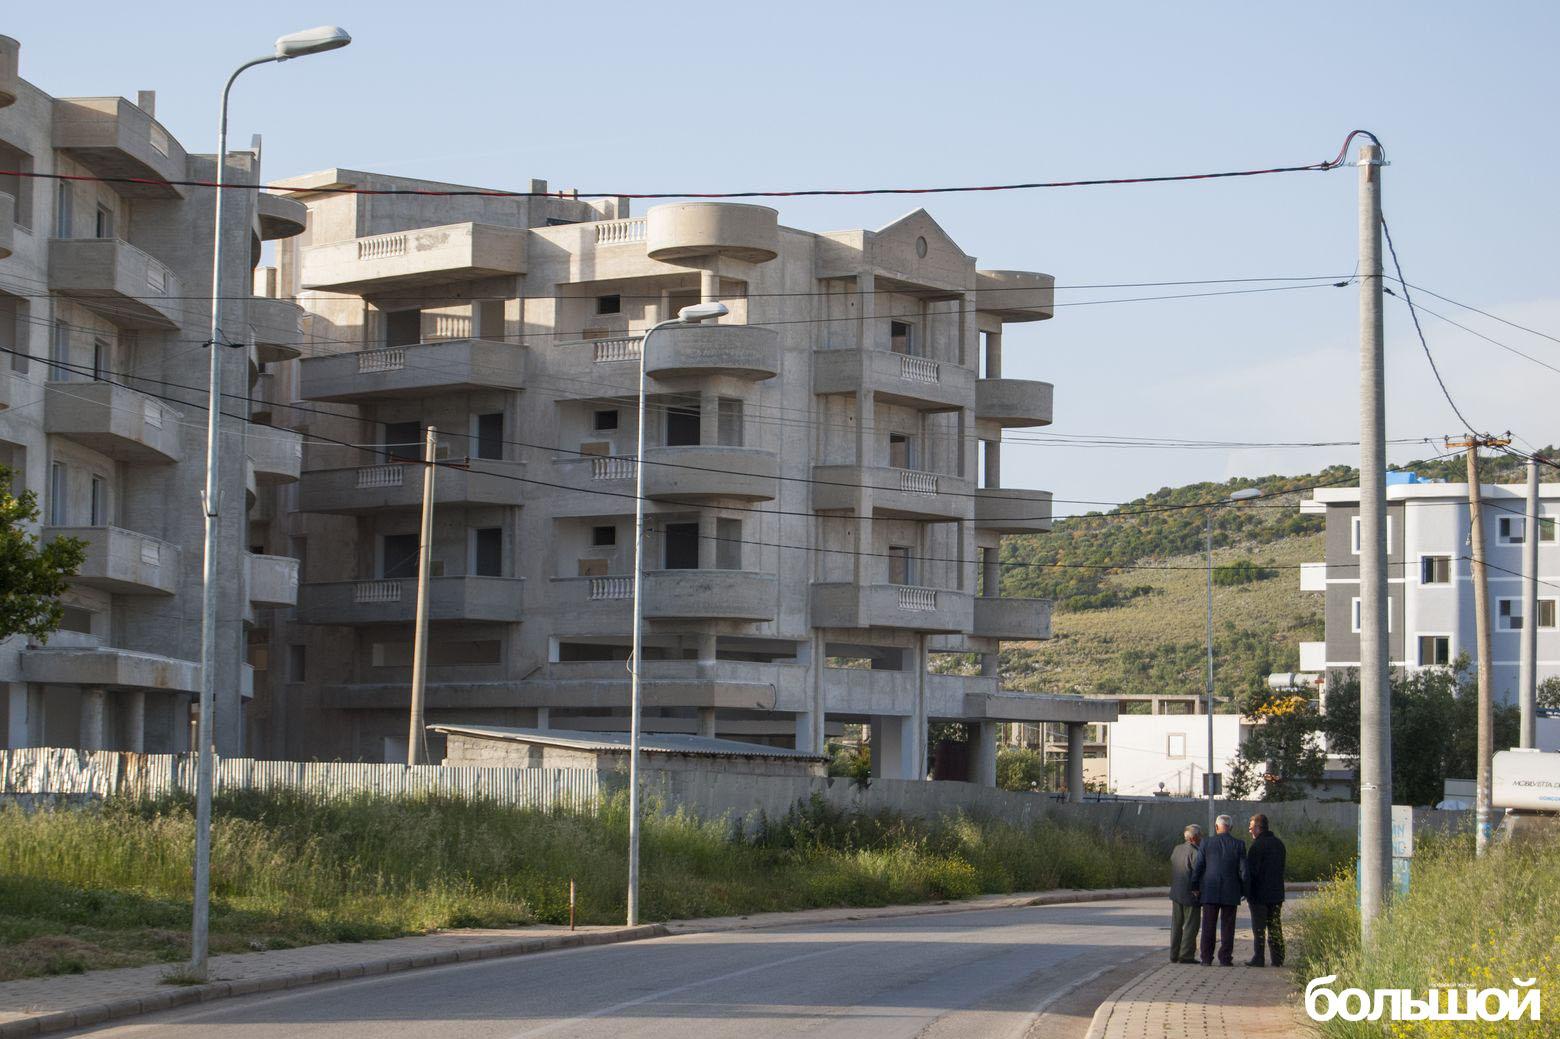 Дом из бетона и три дядьки